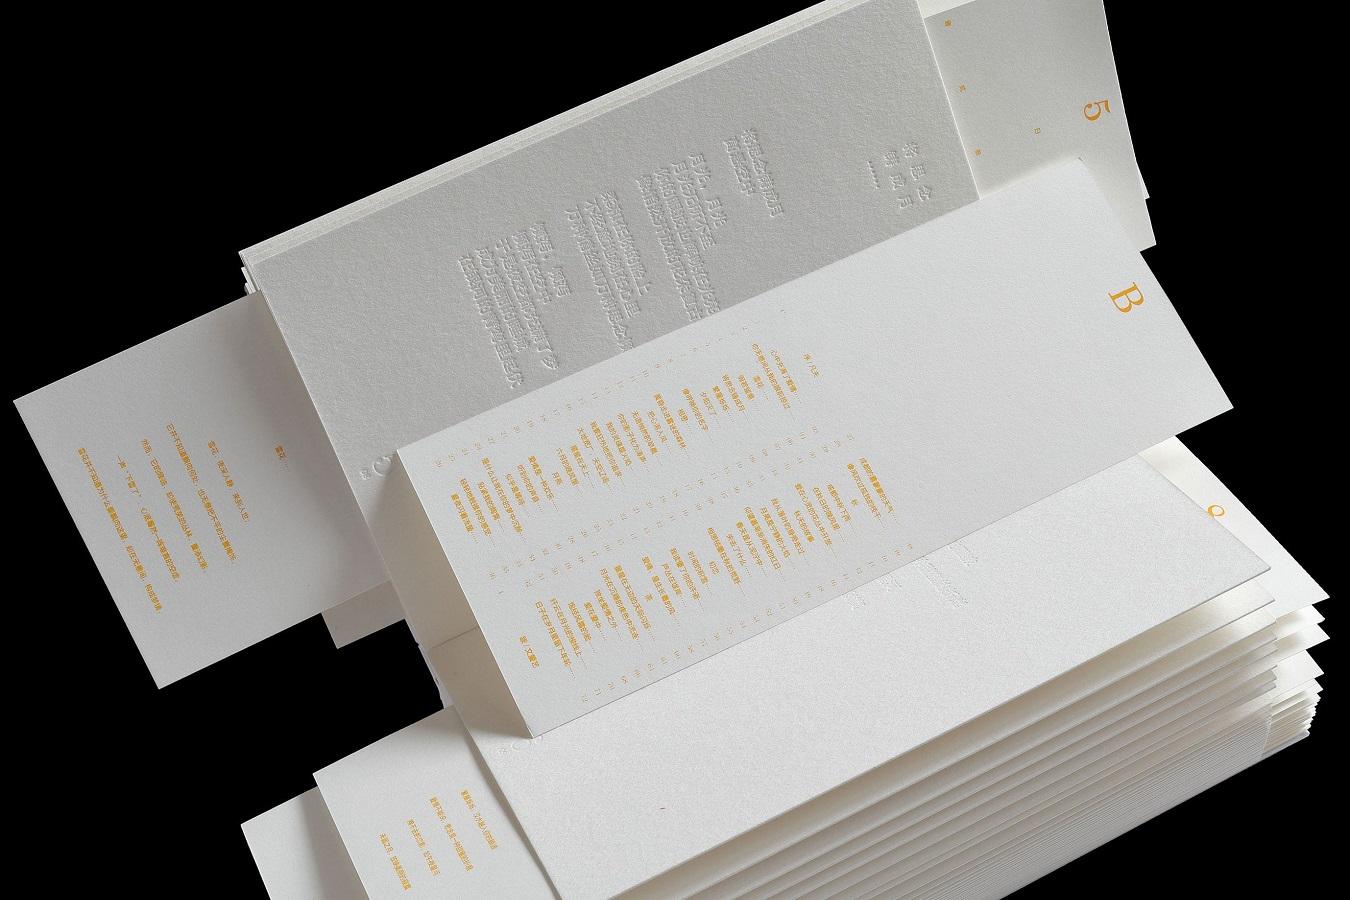 賦予文本嶄新的形式,是設計創造性的體現—劉曉翔